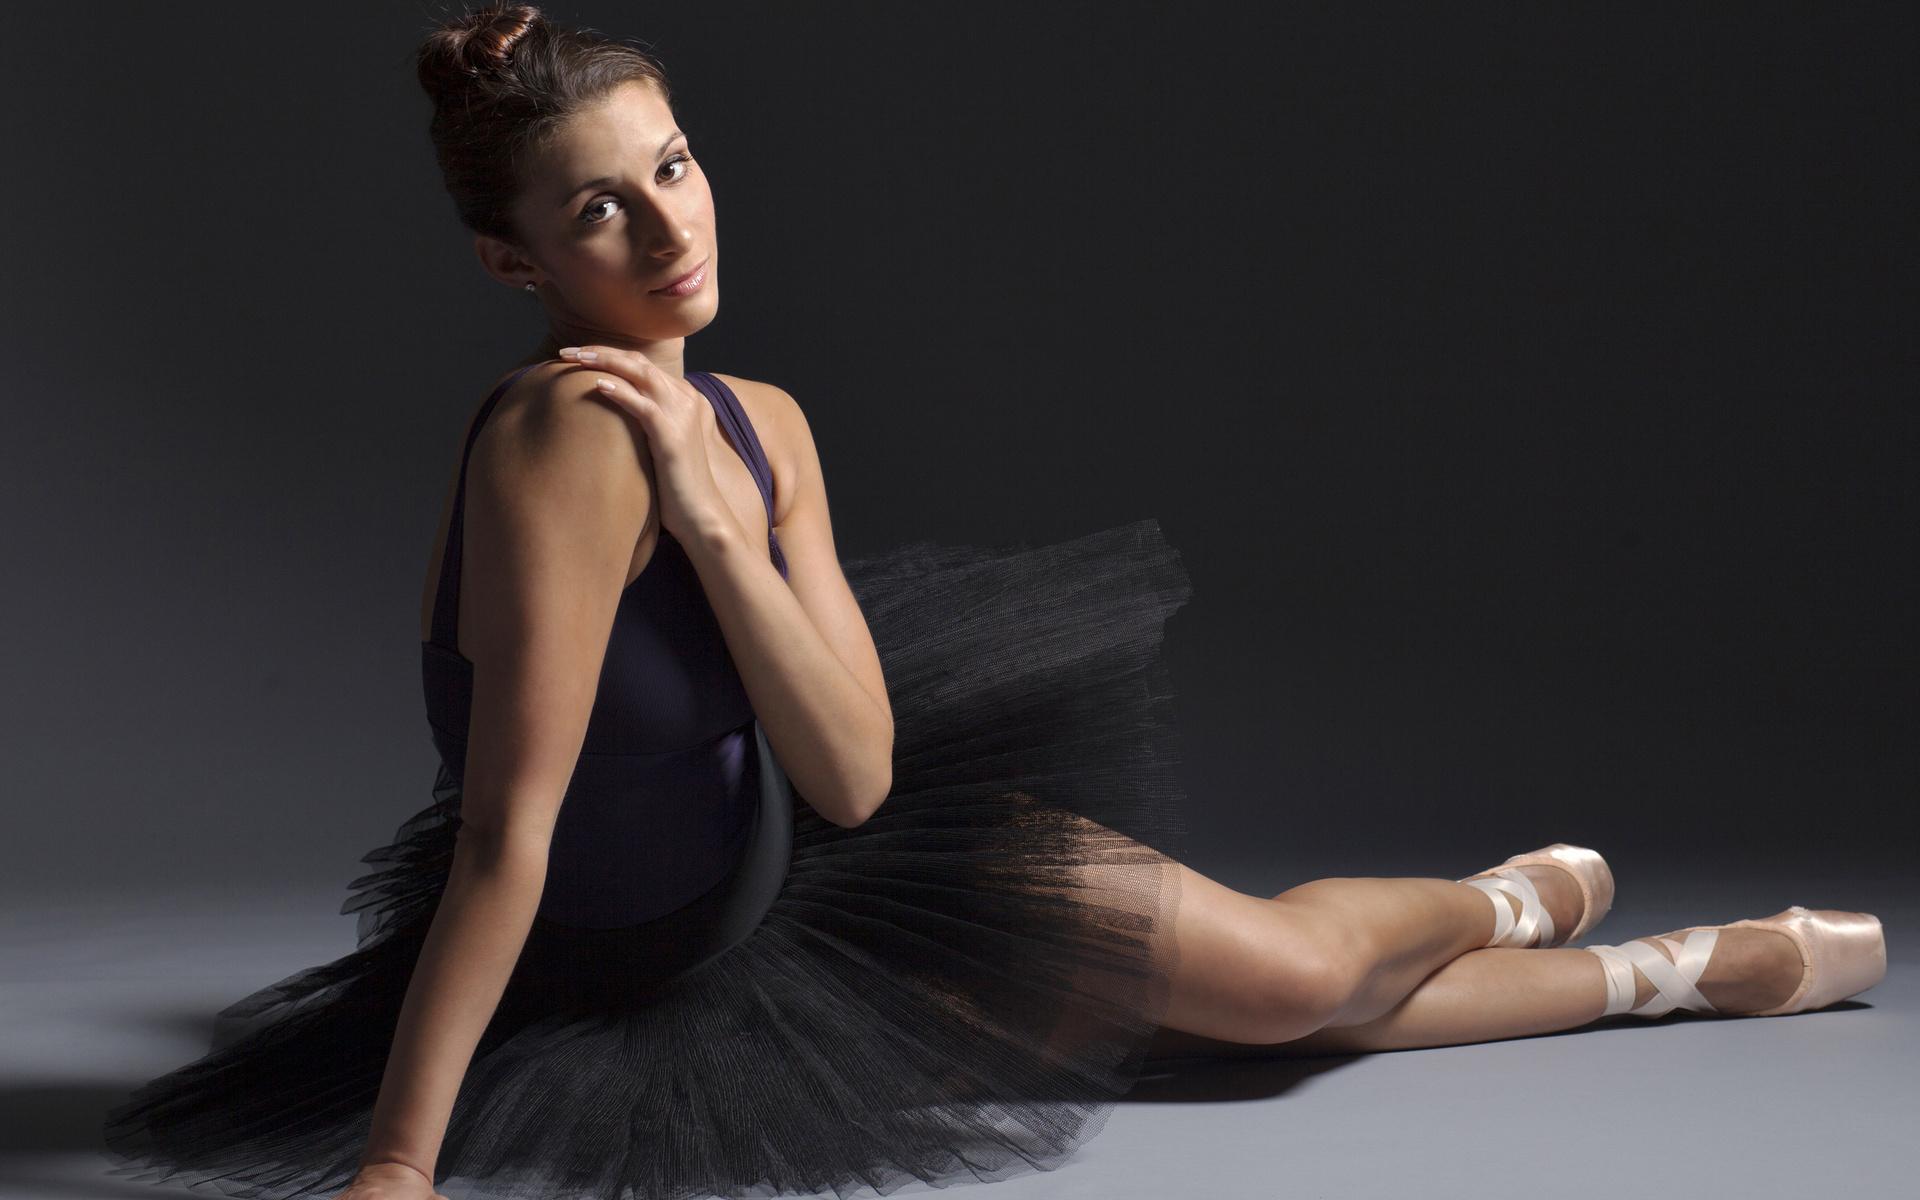 избежать балерины фото в высоком качестве учитывая сказанное мной